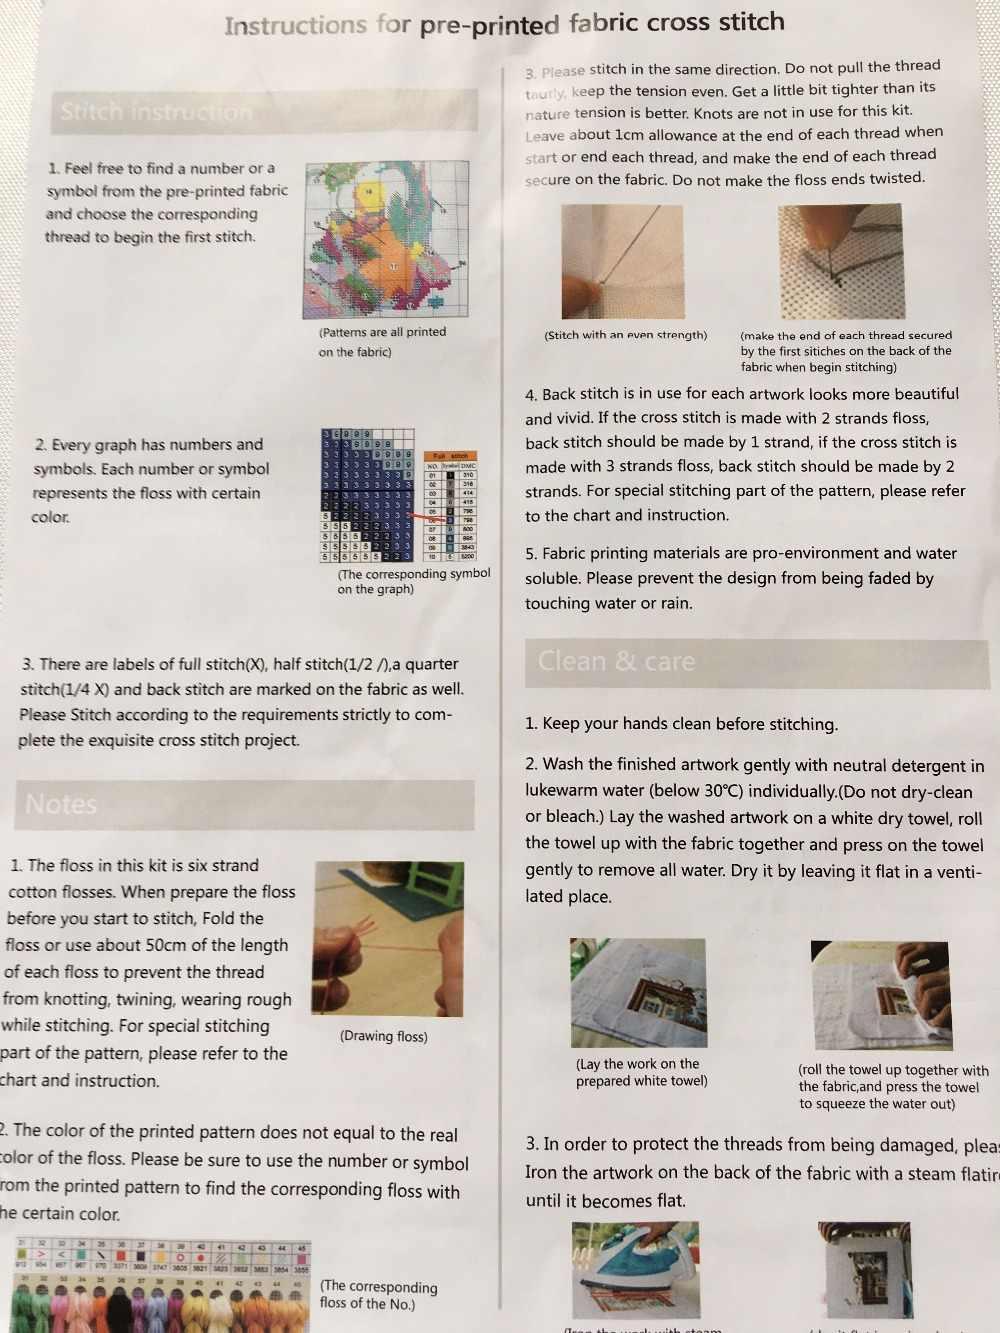 針仕事、 DIY クロスステッチ、フル刺繍キット、森ユニコーン馬カウントプリントパターンのクロスステッチ結婚式ギフト